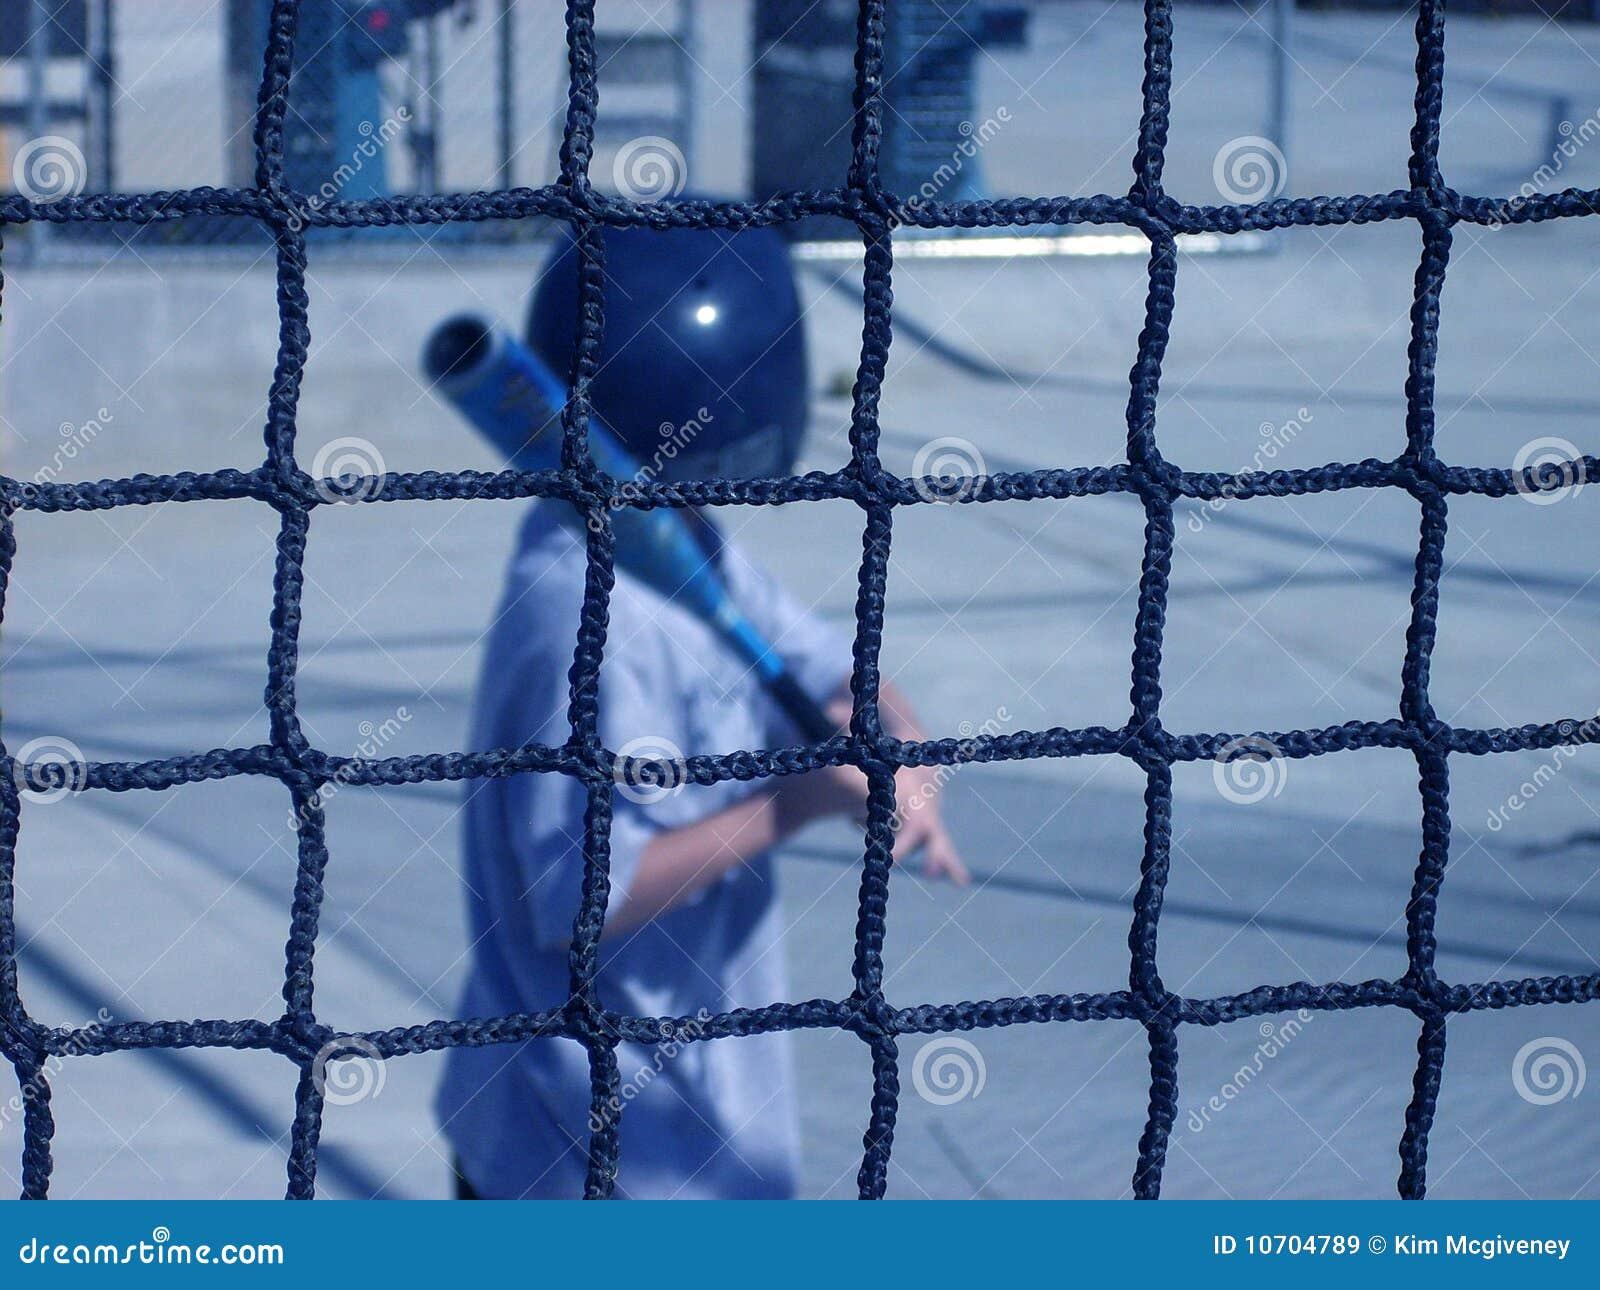 Schlagen-Rahmen stockbild. Bild von baseball, netz, spiel - 10704789